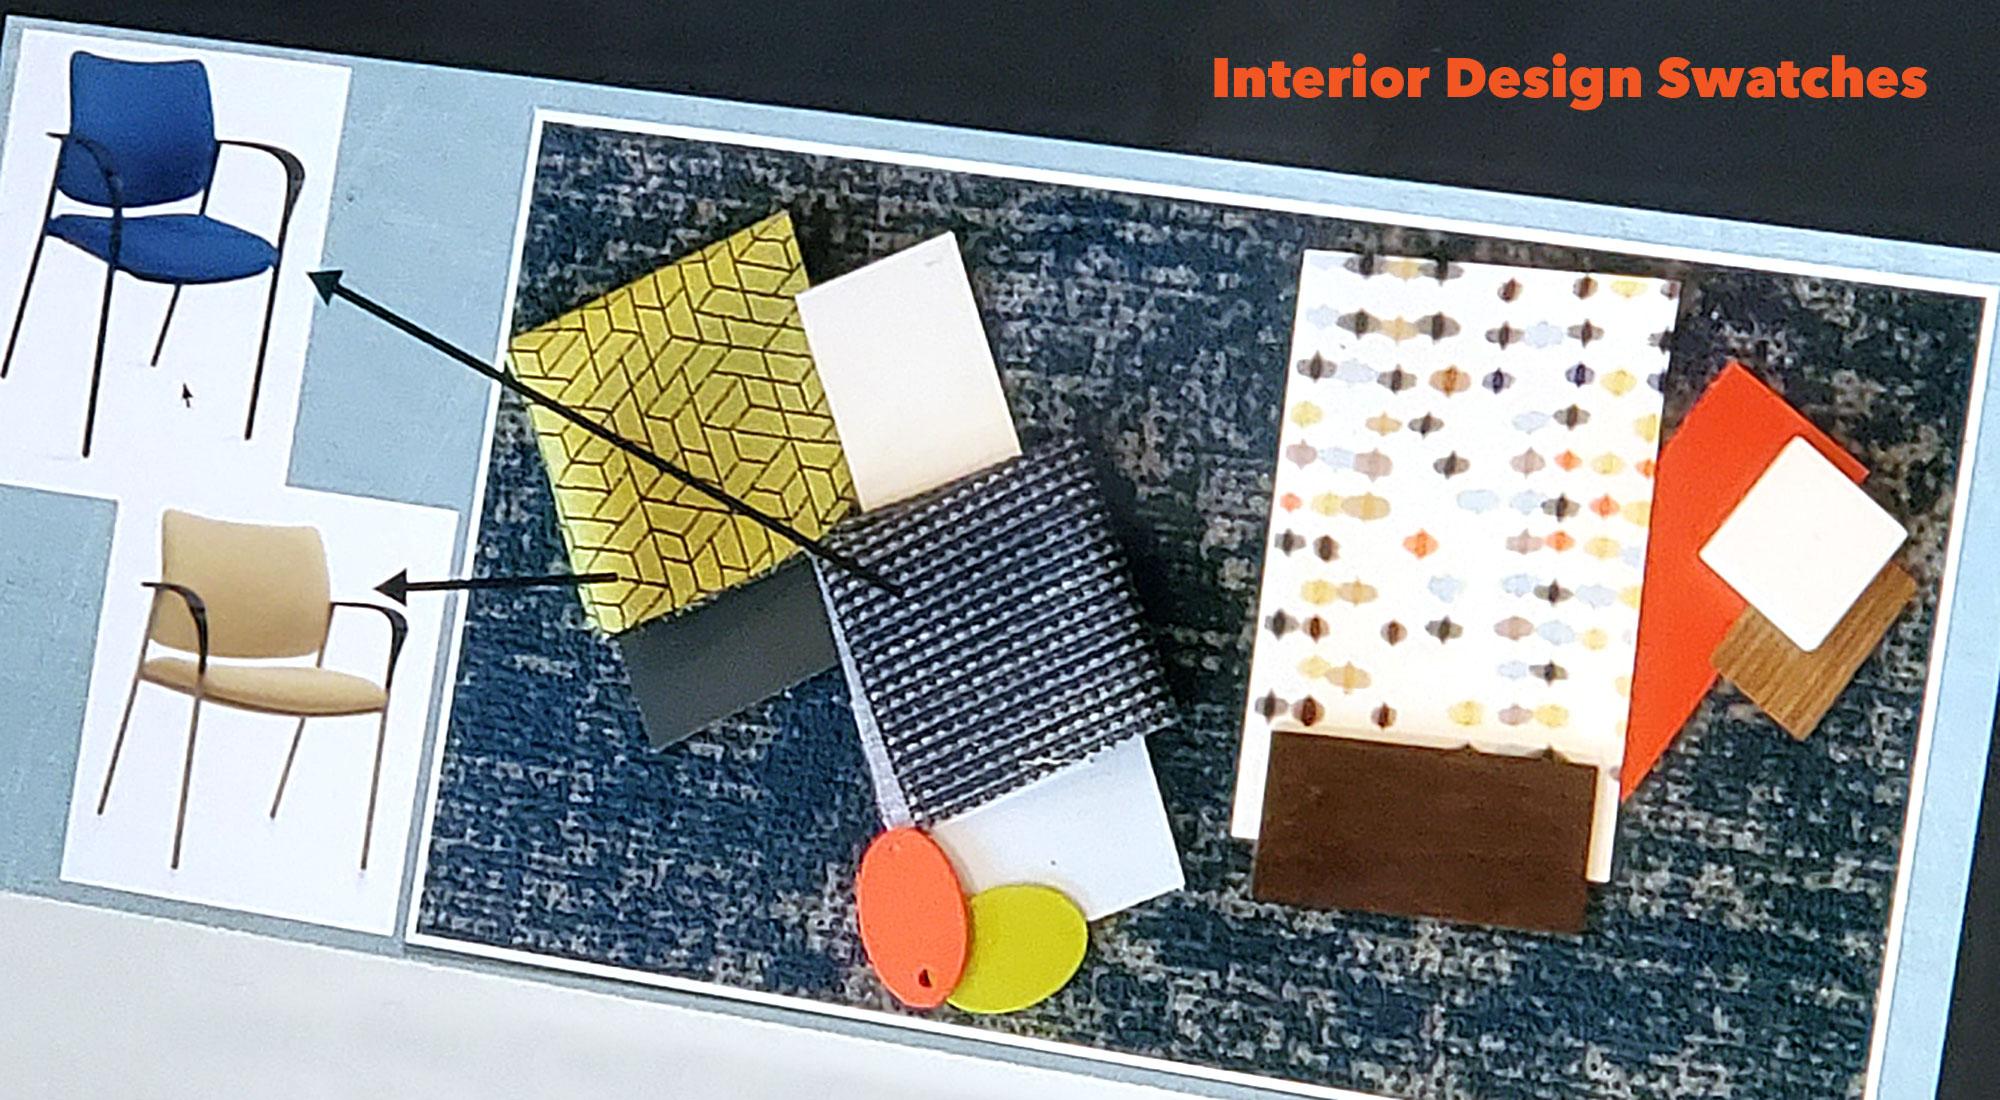 VO interior design swatches